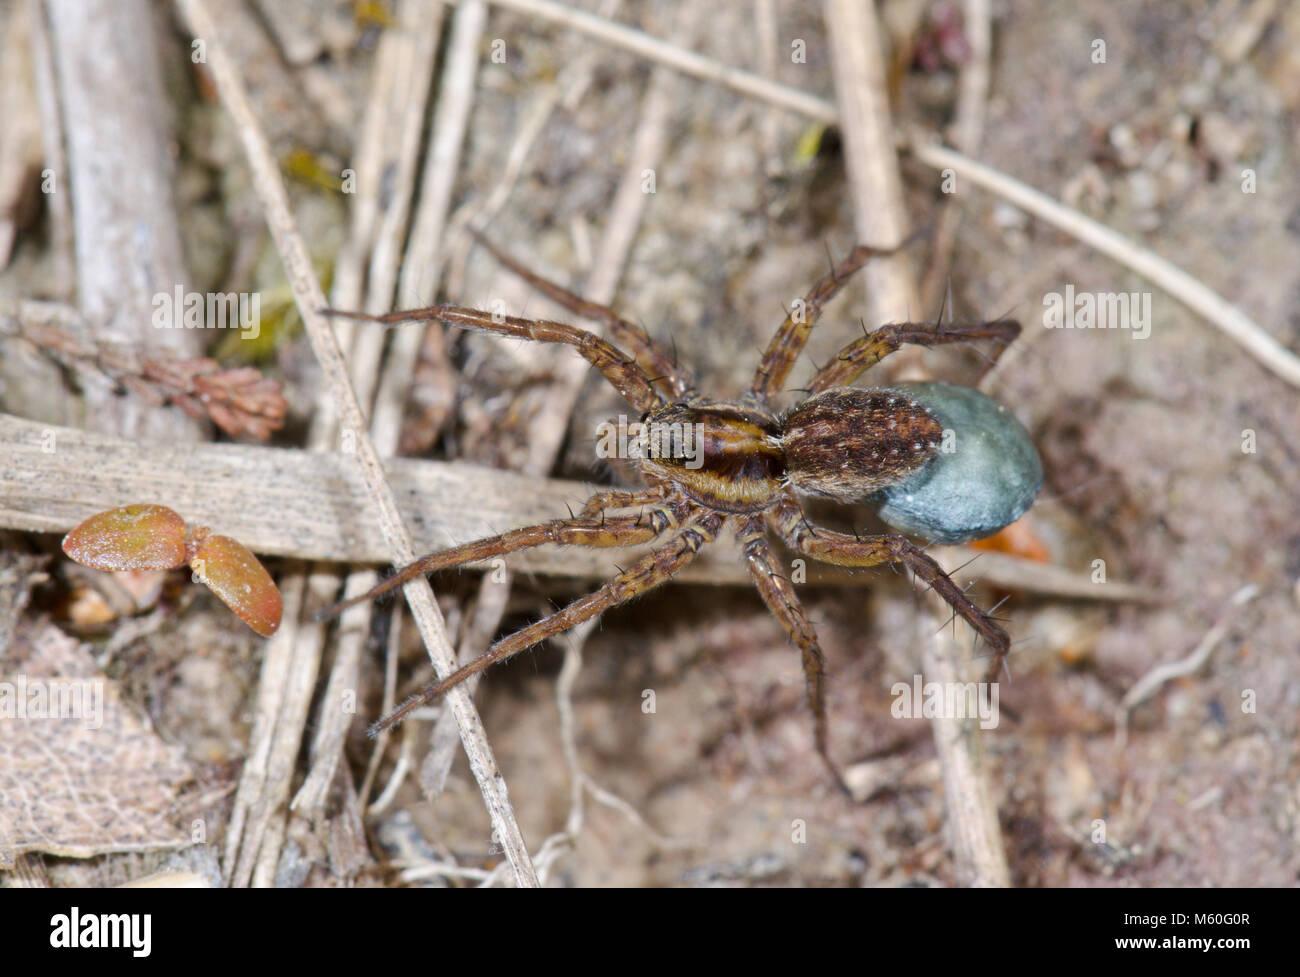 Female Wolf Spider carrying Egg Sac (Pardosa nigriceps). Lycosidae. Sussex, UK - Stock Image